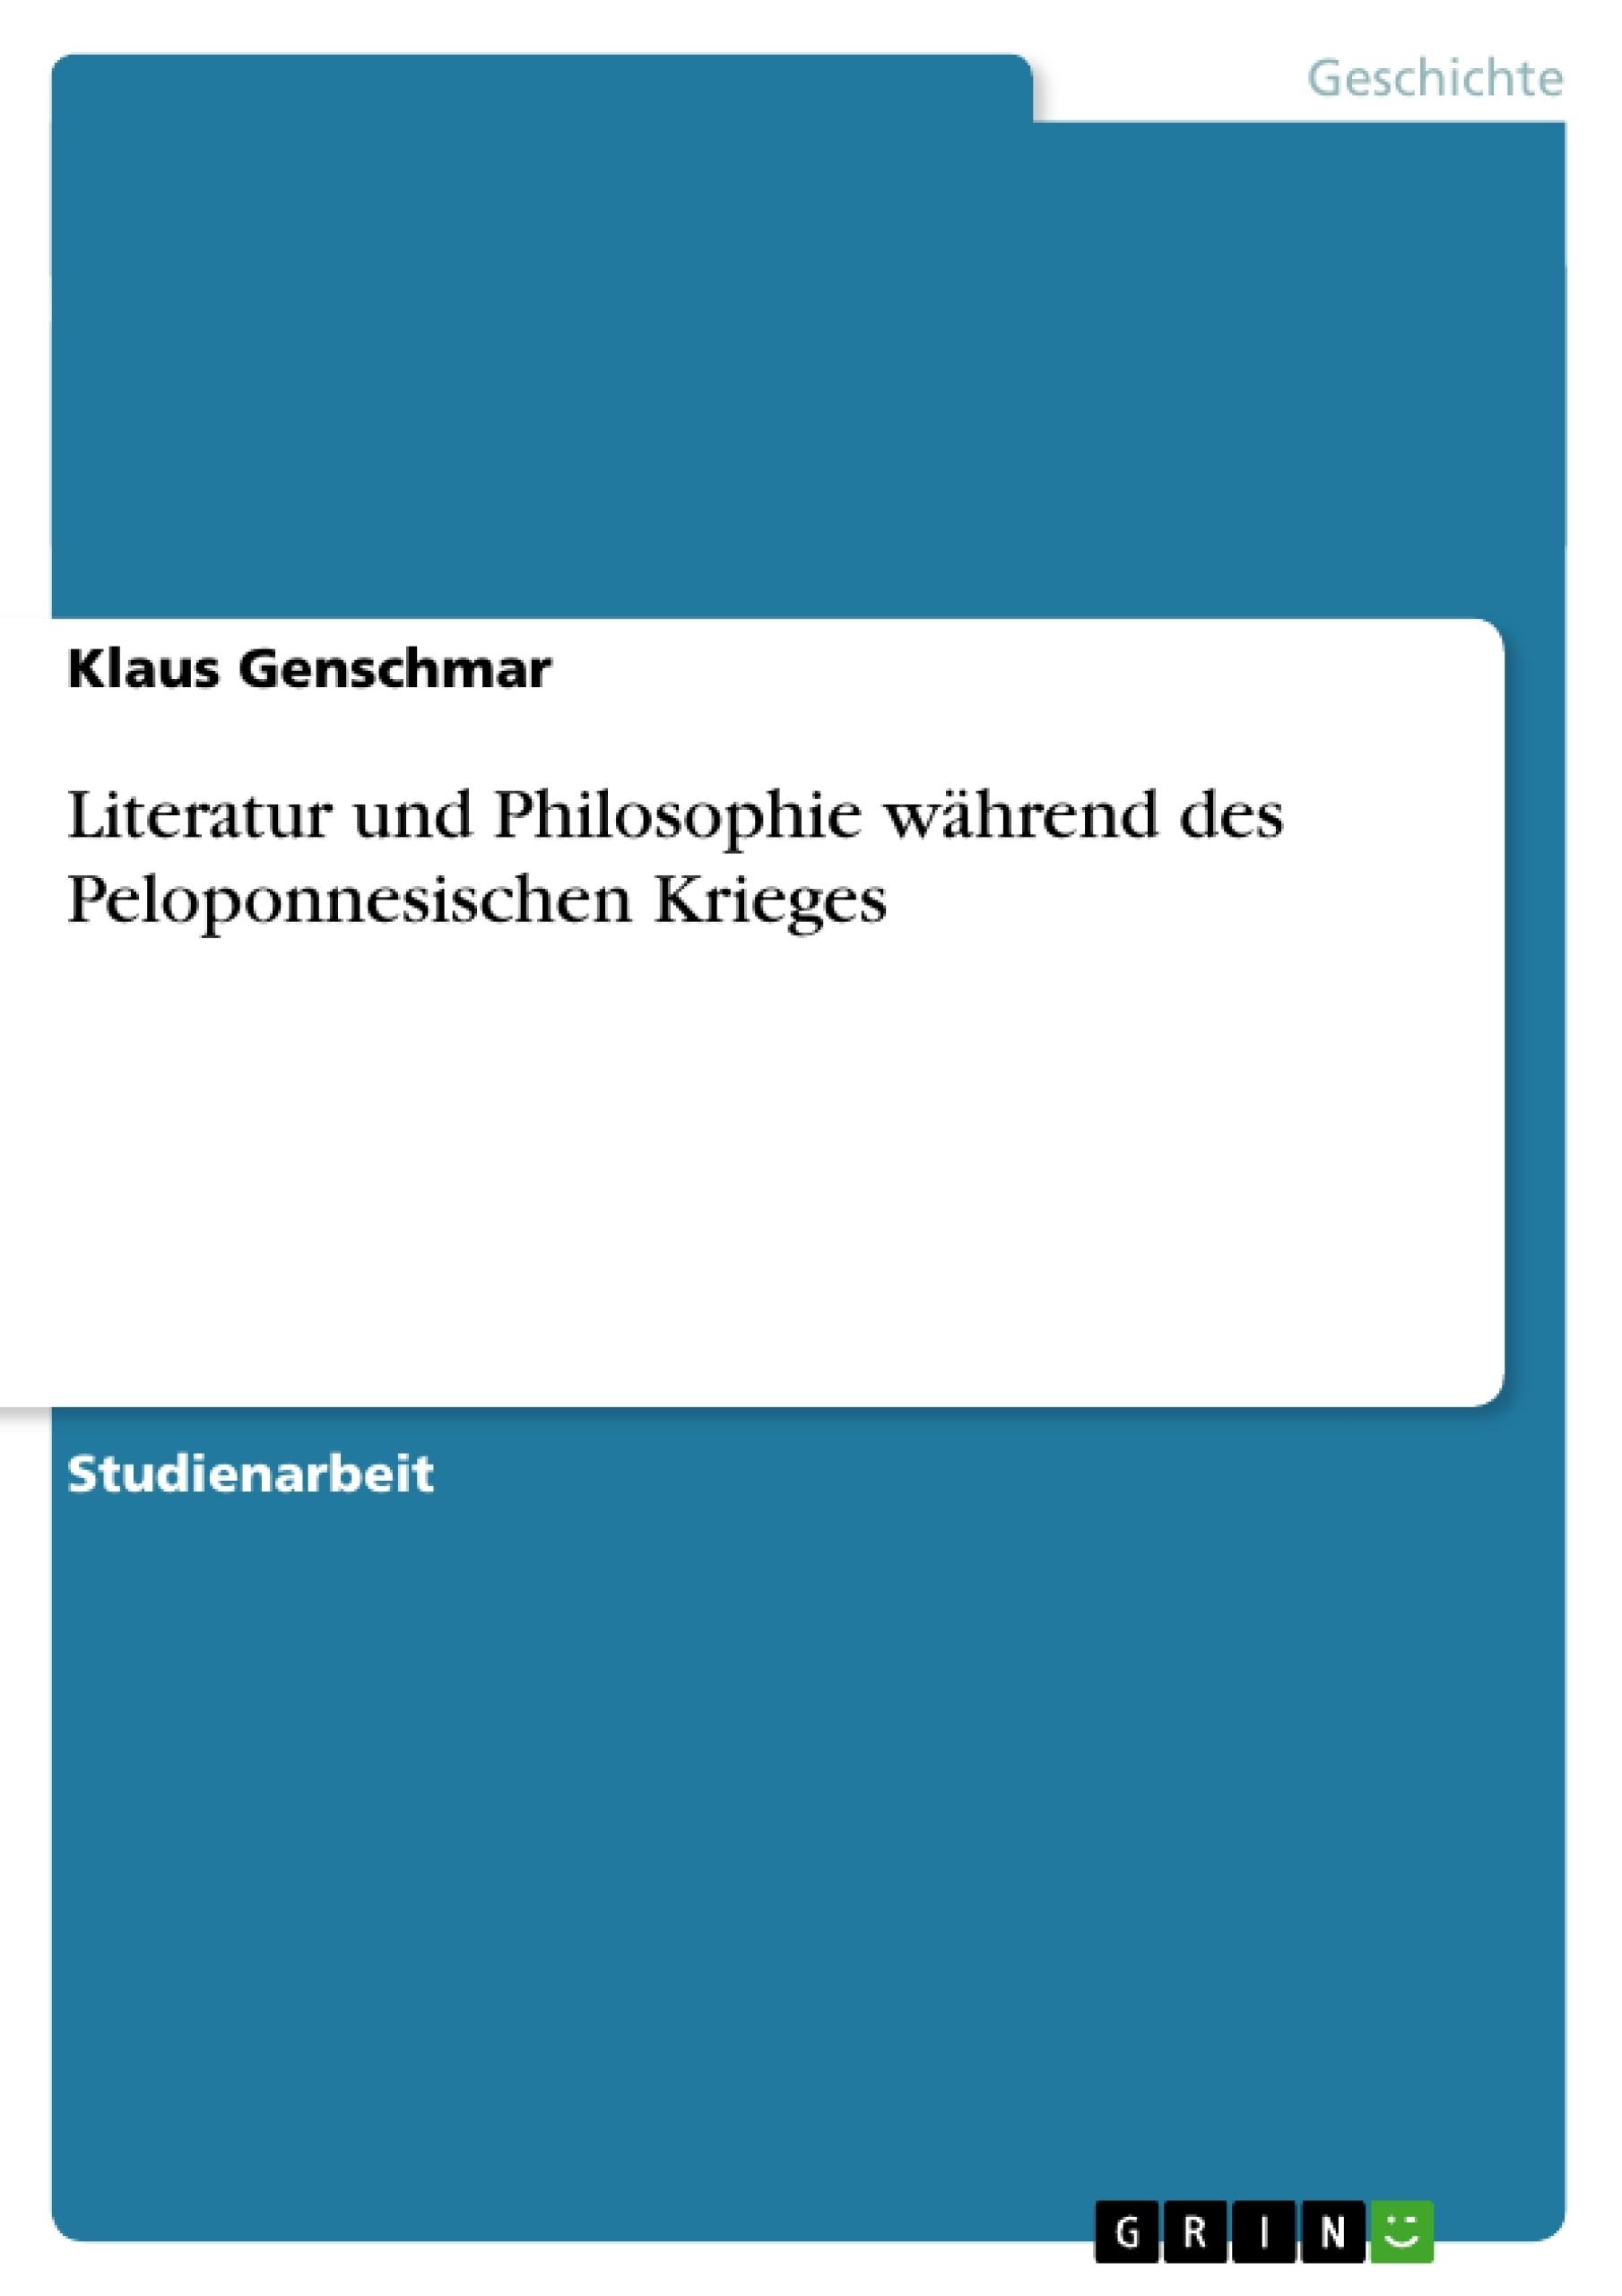 Titel: Literatur und Philosophie während des Peloponnesischen Krieges